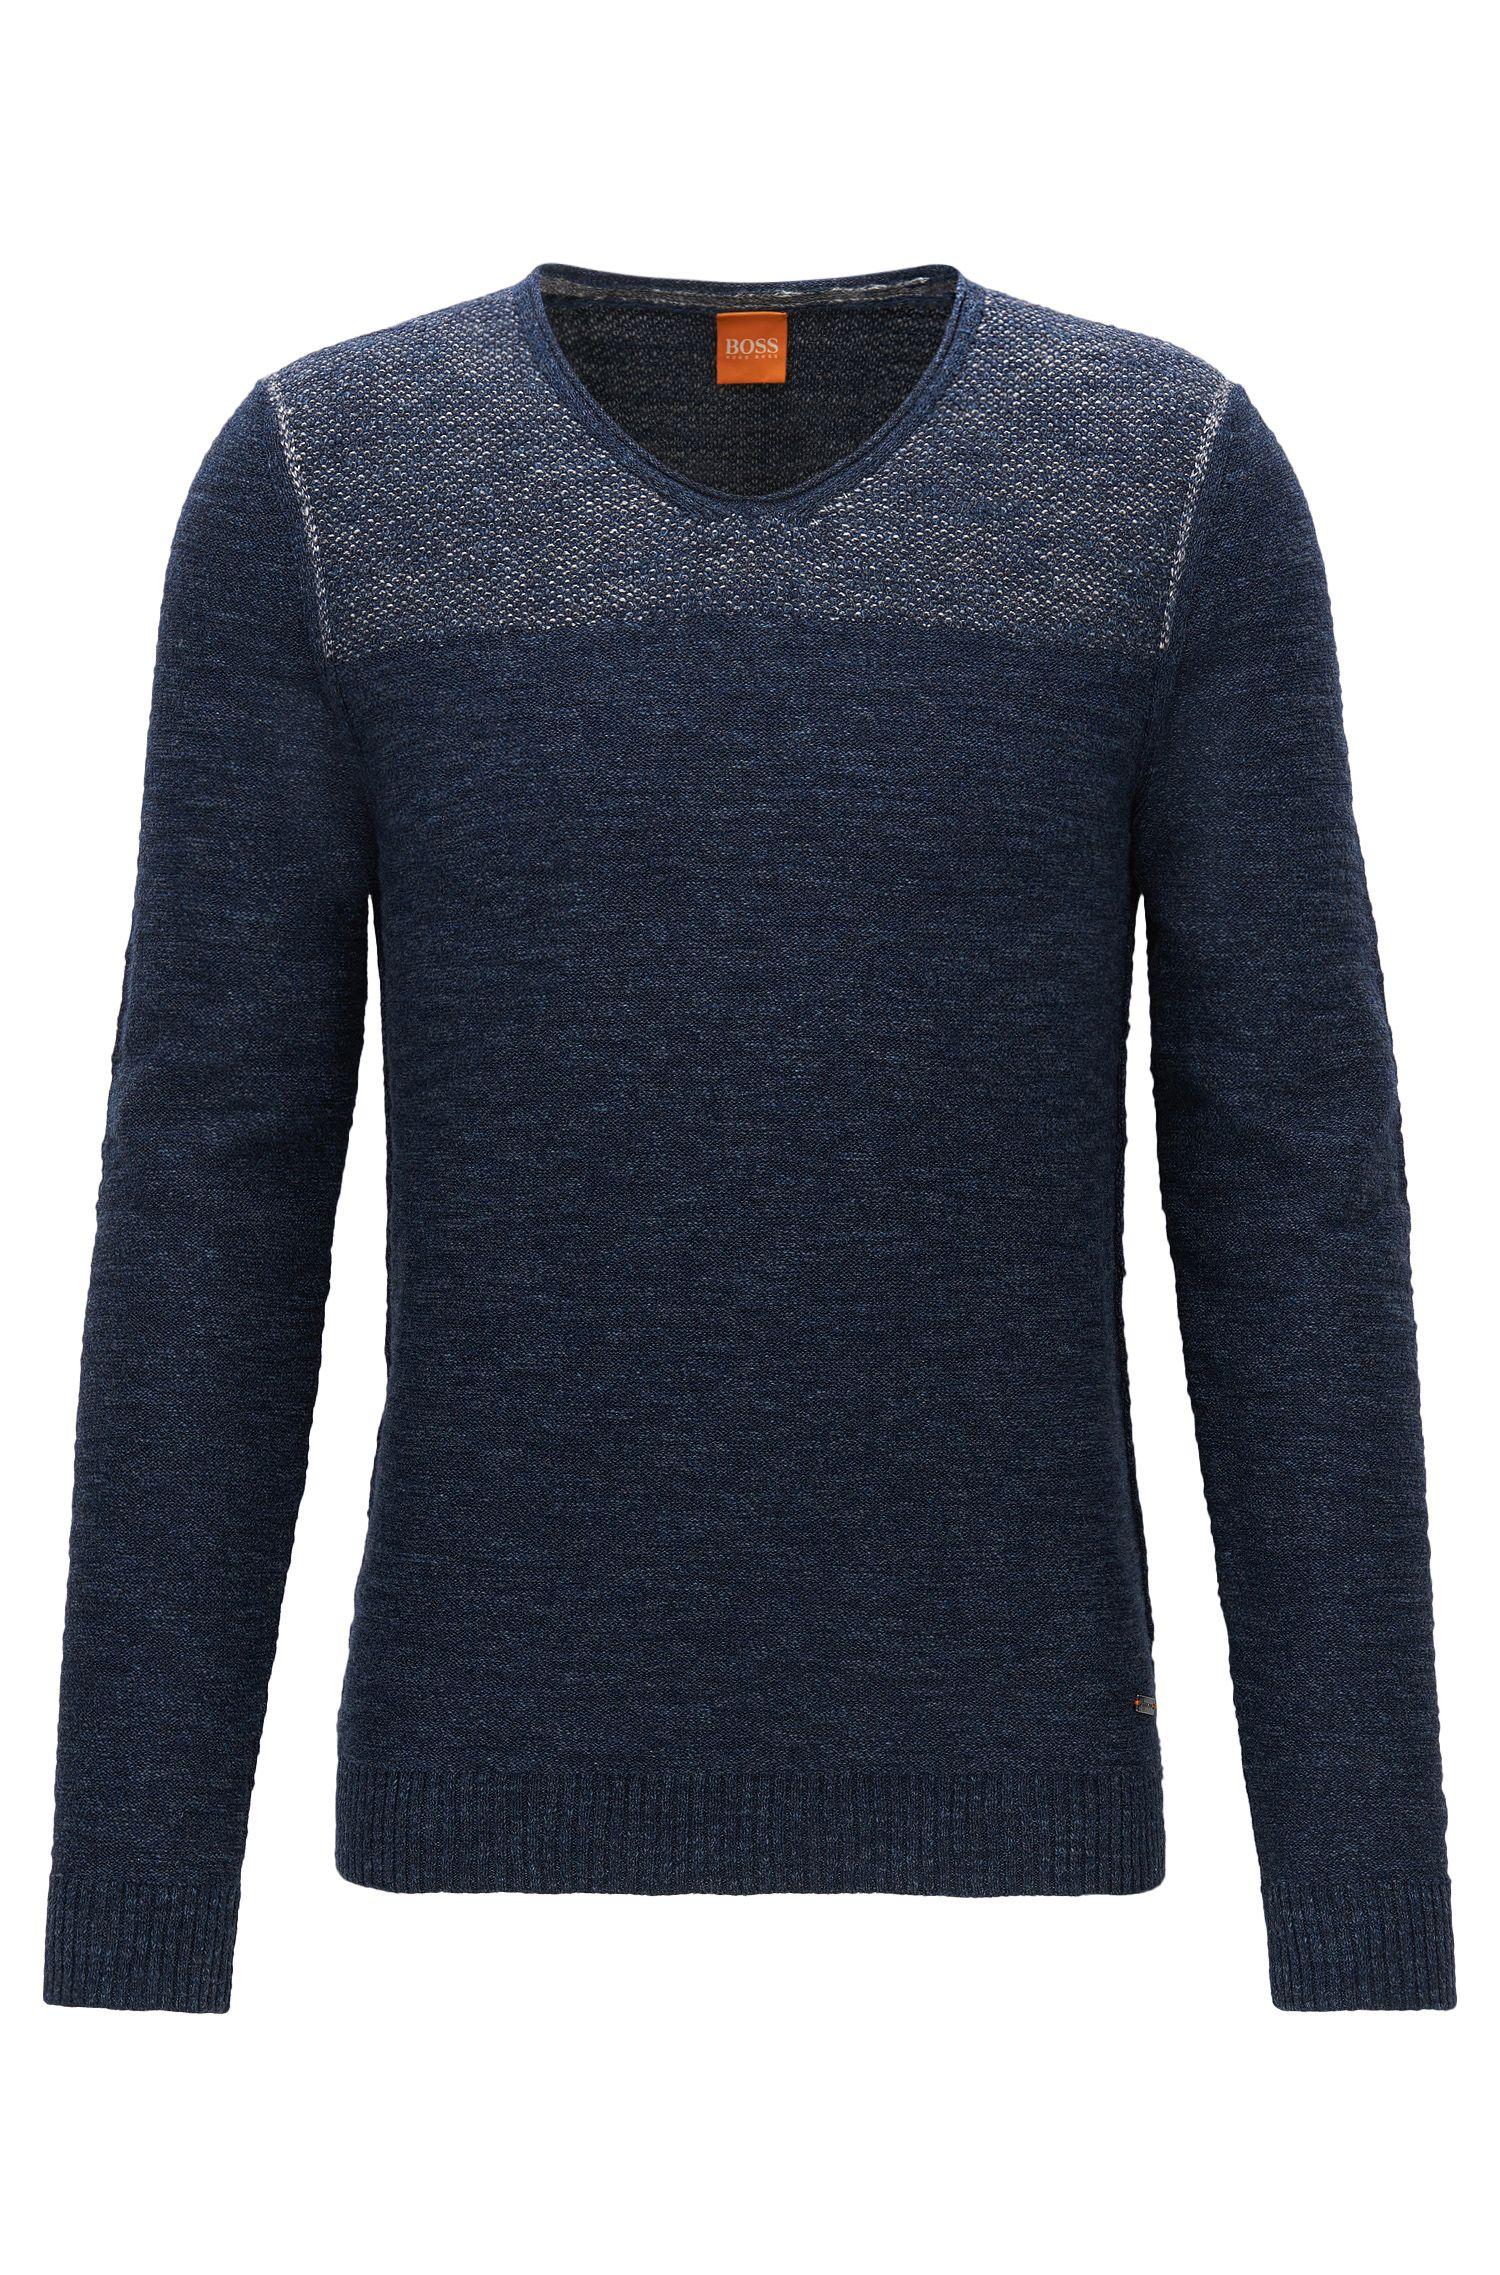 Cotton Sweater | Arbramus